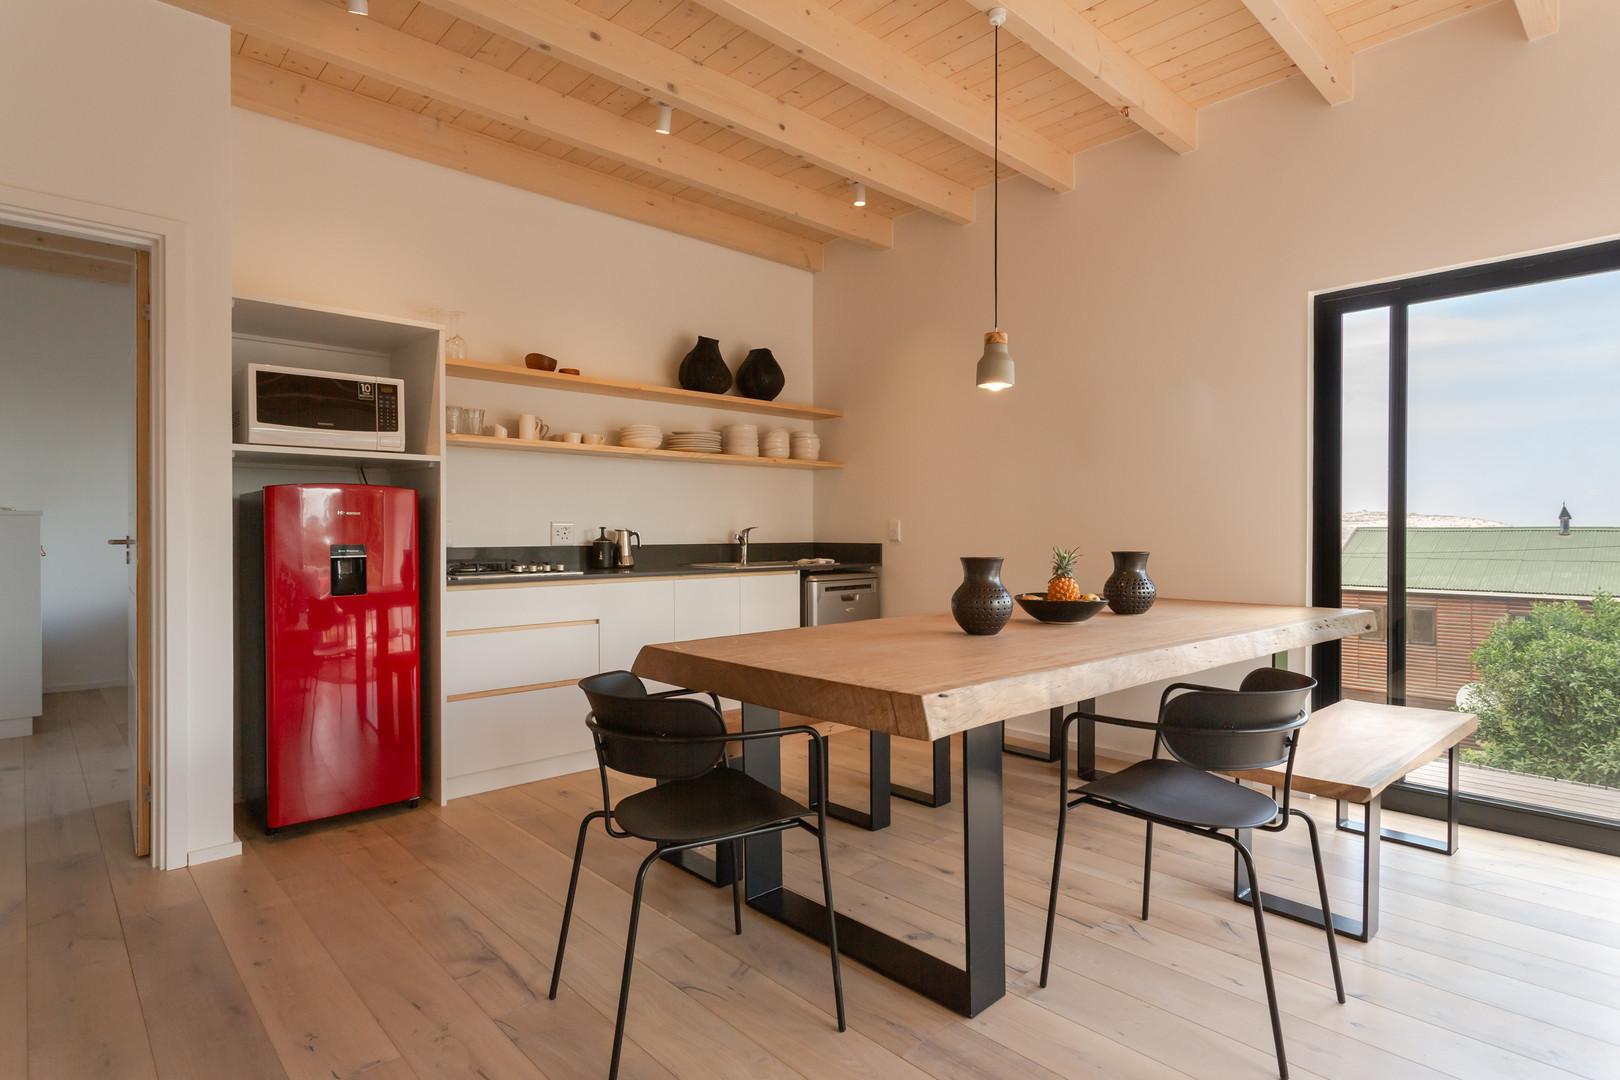 deck appt kitchen dining.JPG